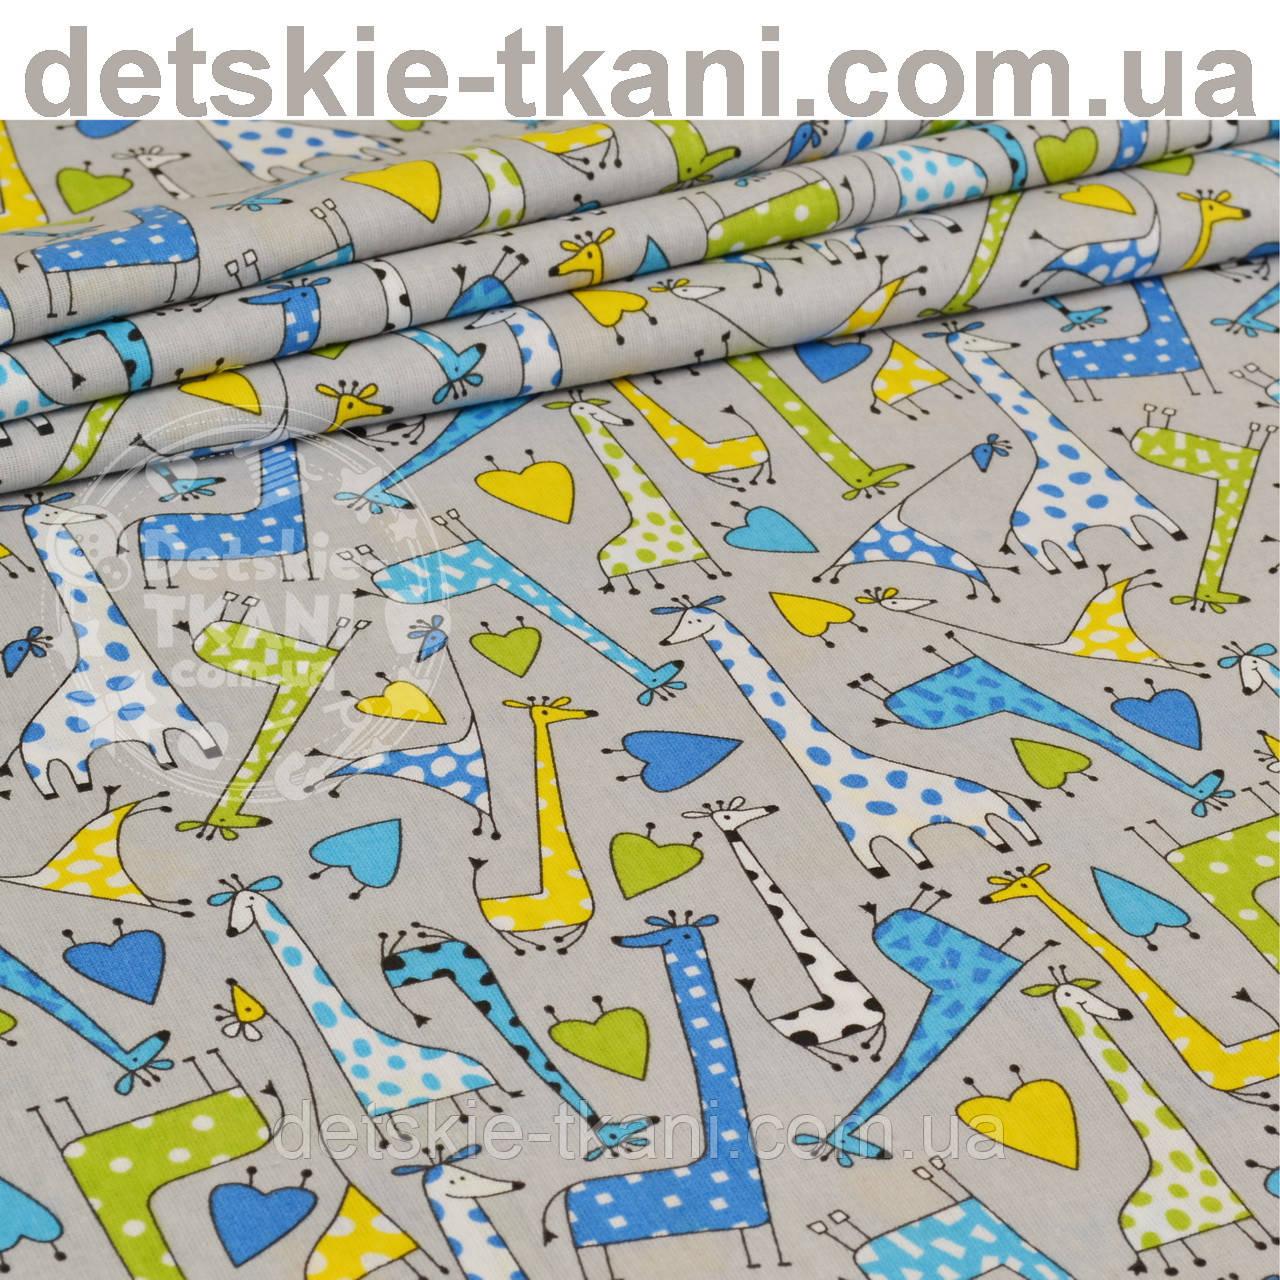 Бязь с зелёными и голубыми жирафами на сером фоне (№ 825)